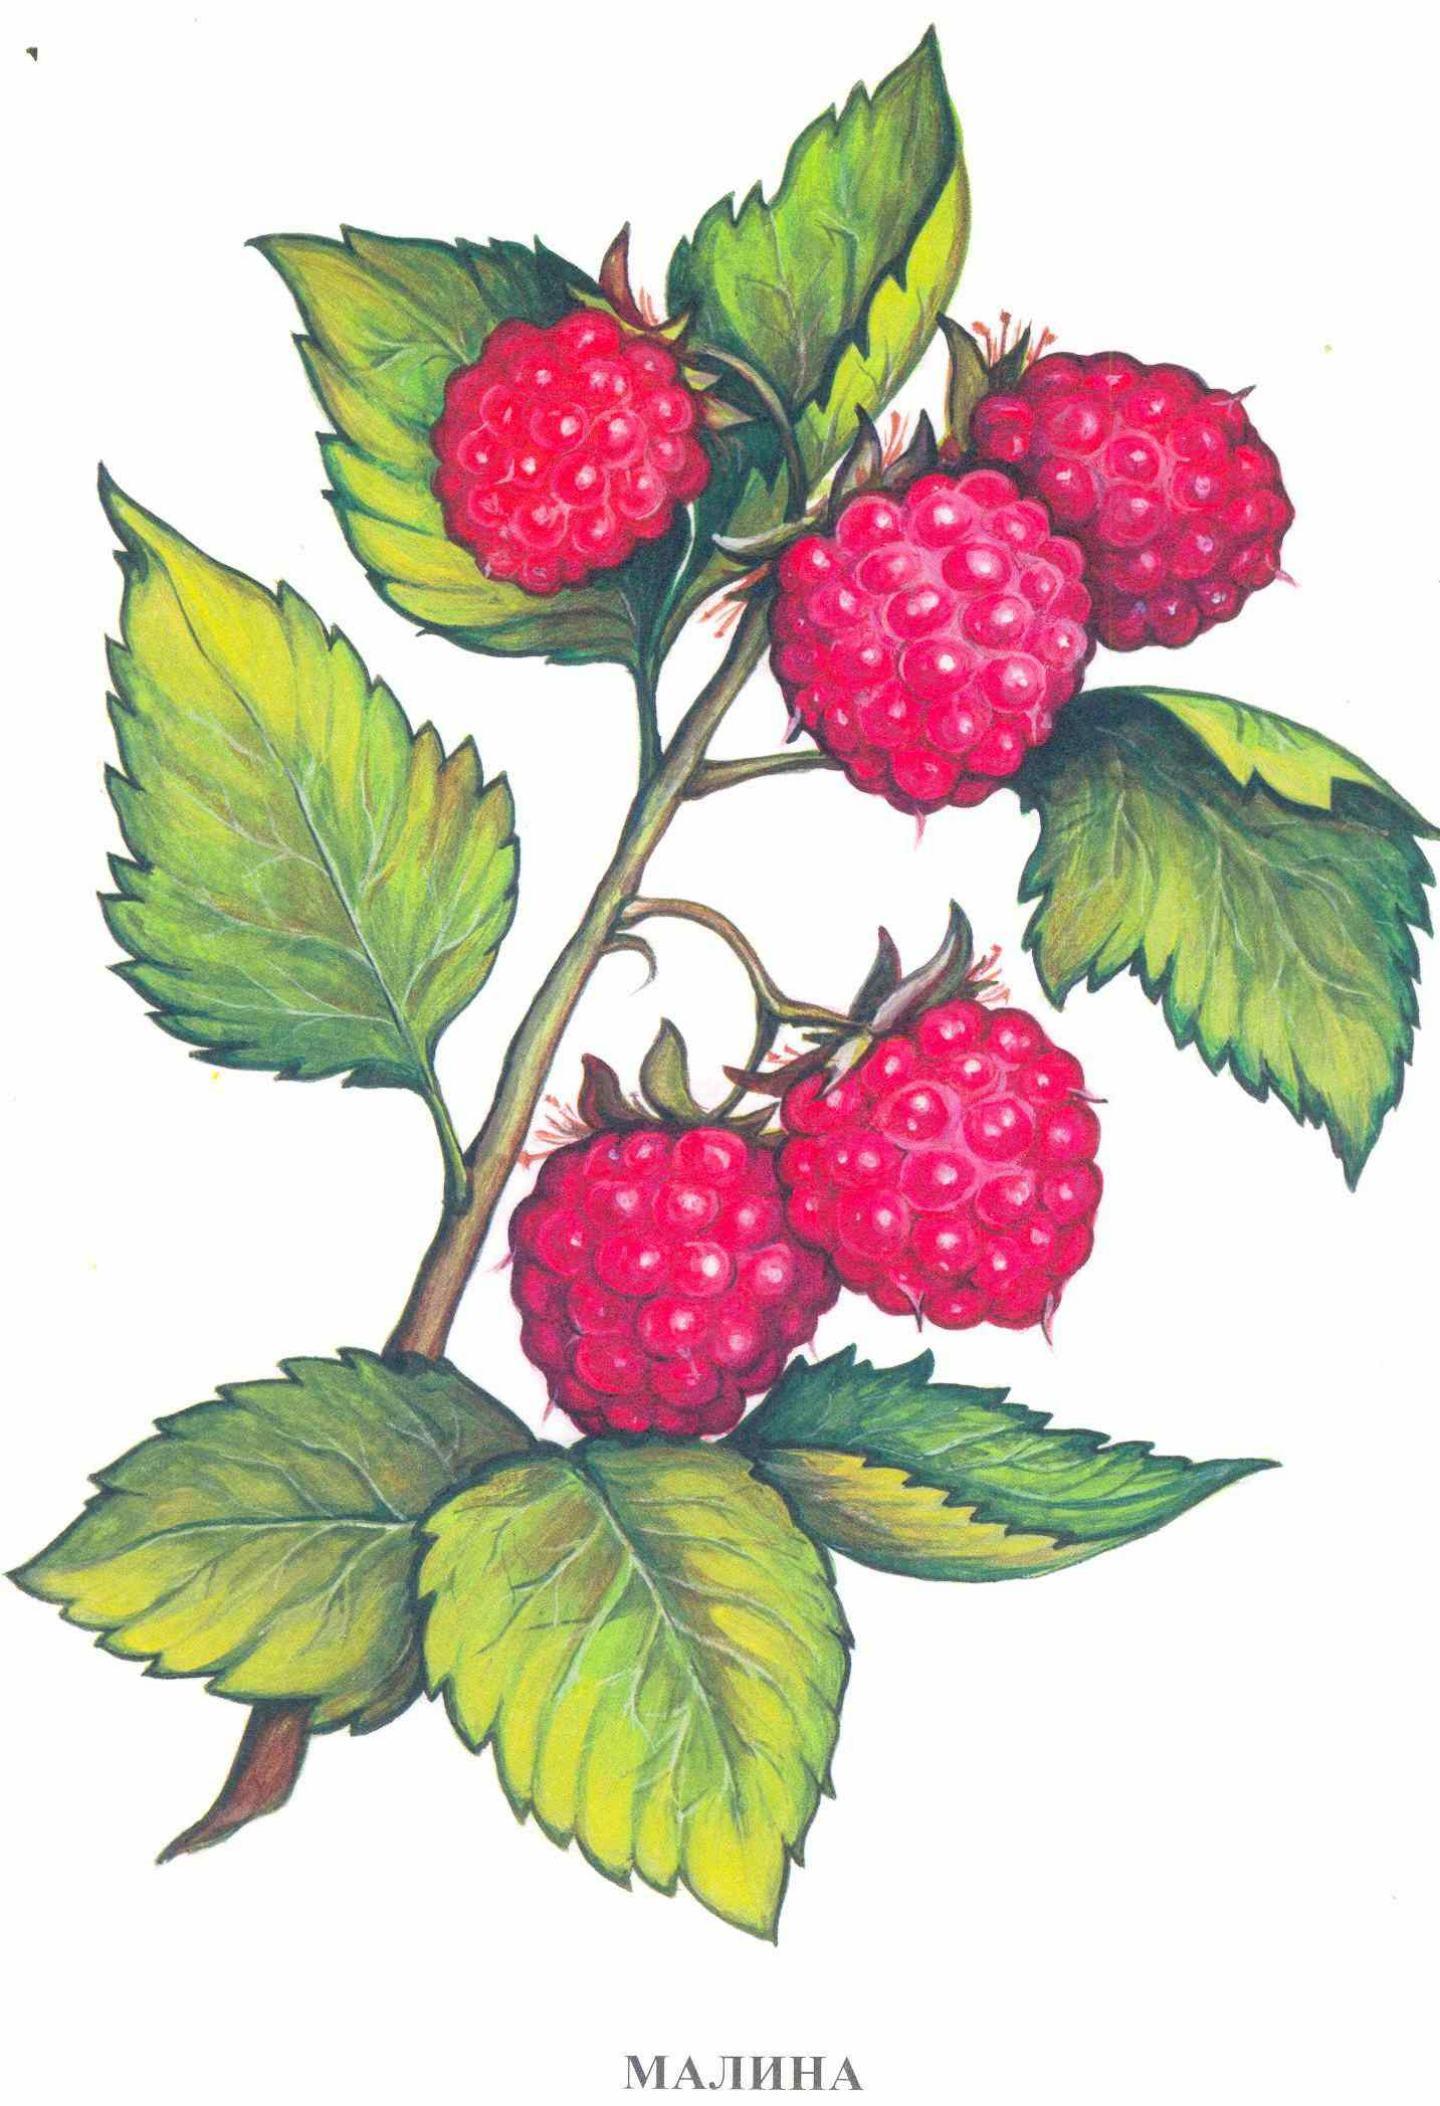 Картинка нарисованной малины